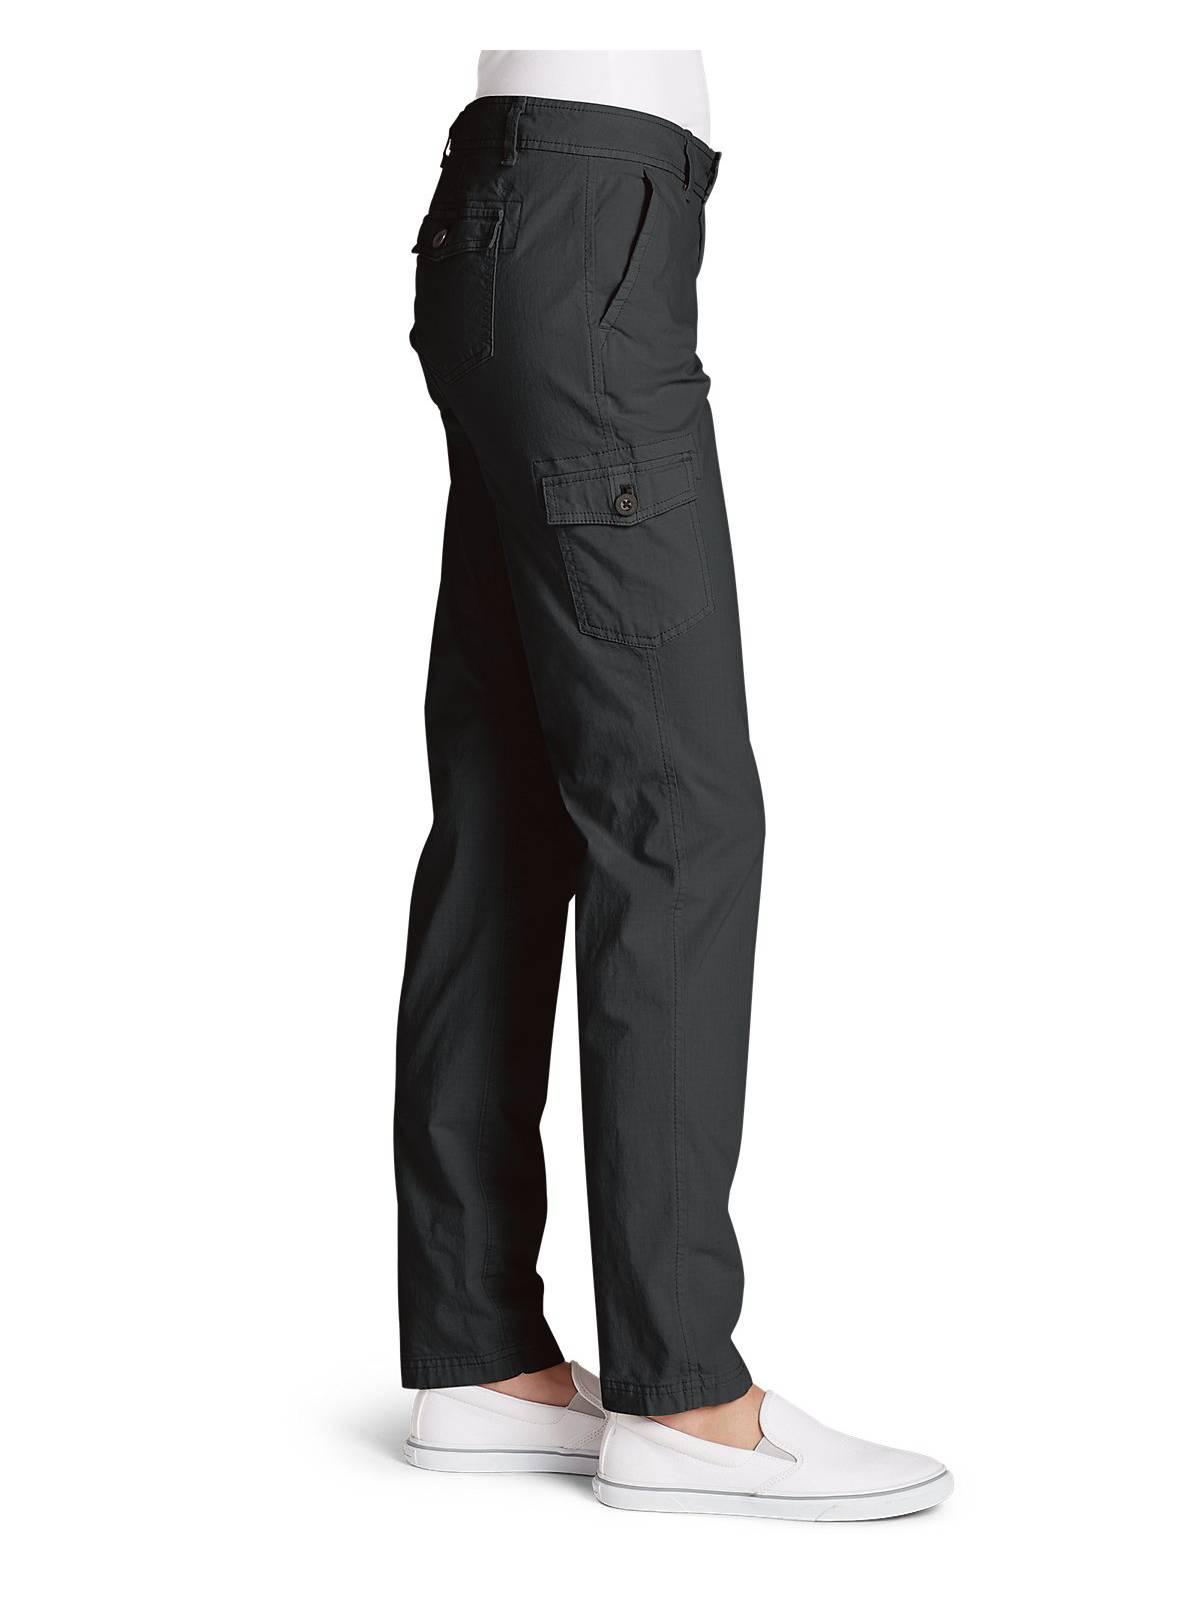 a327c62eed Eddie Bauer Women's Adventurer Stretch Ripstop Cargo Pants ...